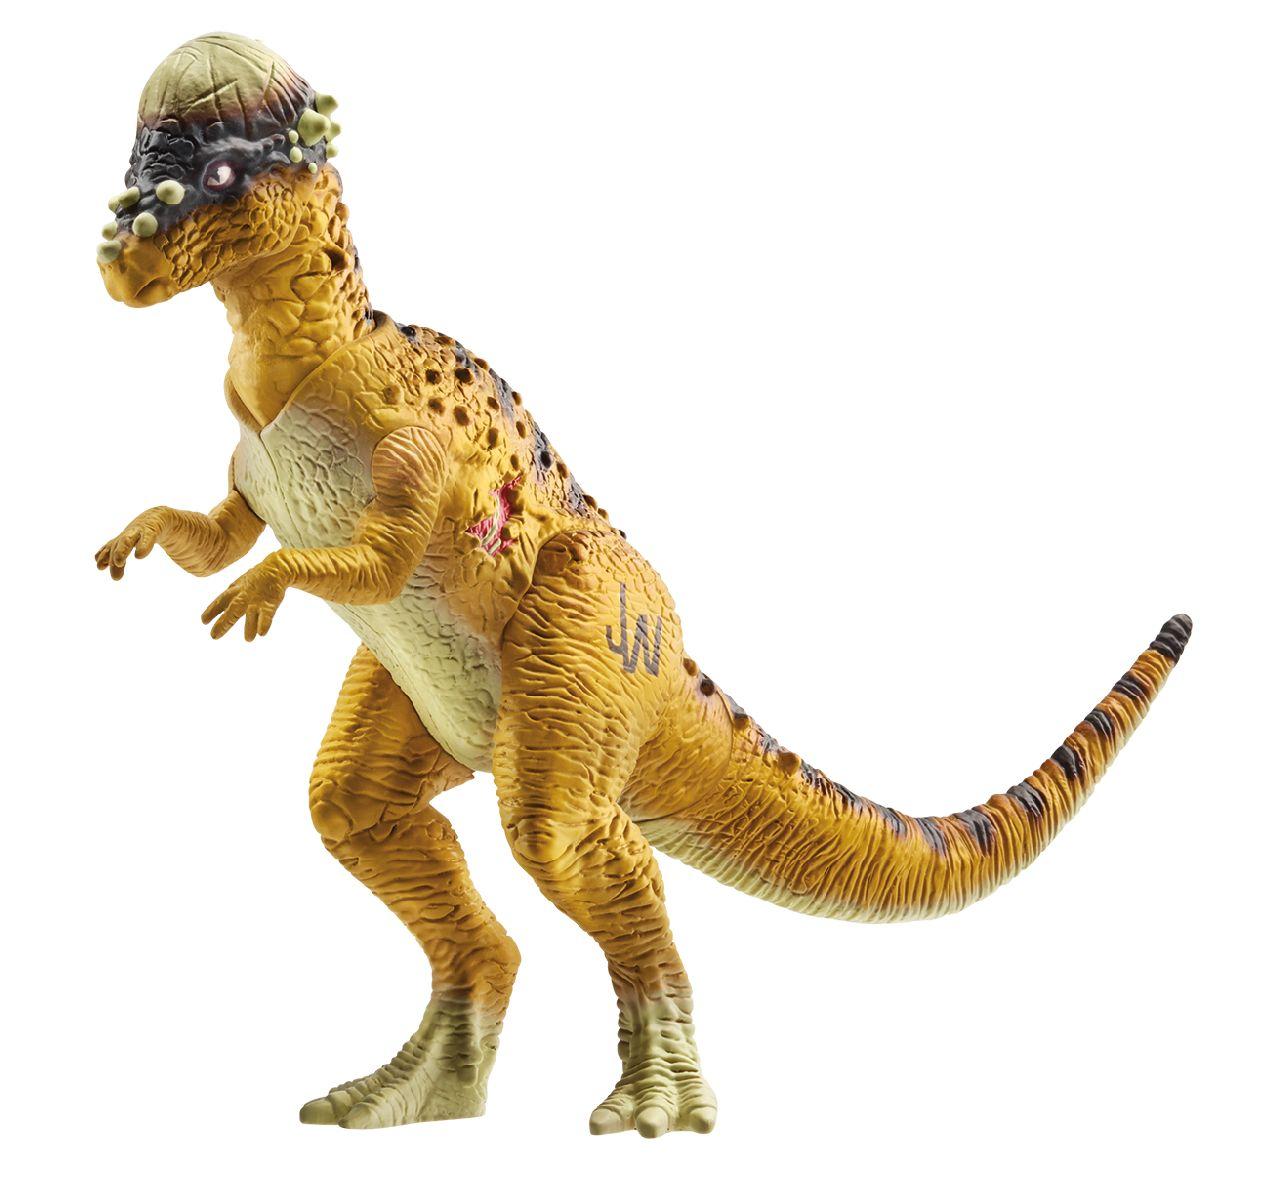 Jurassic Park 3 Velociraptor Toy Los Juguetes de Jurass...